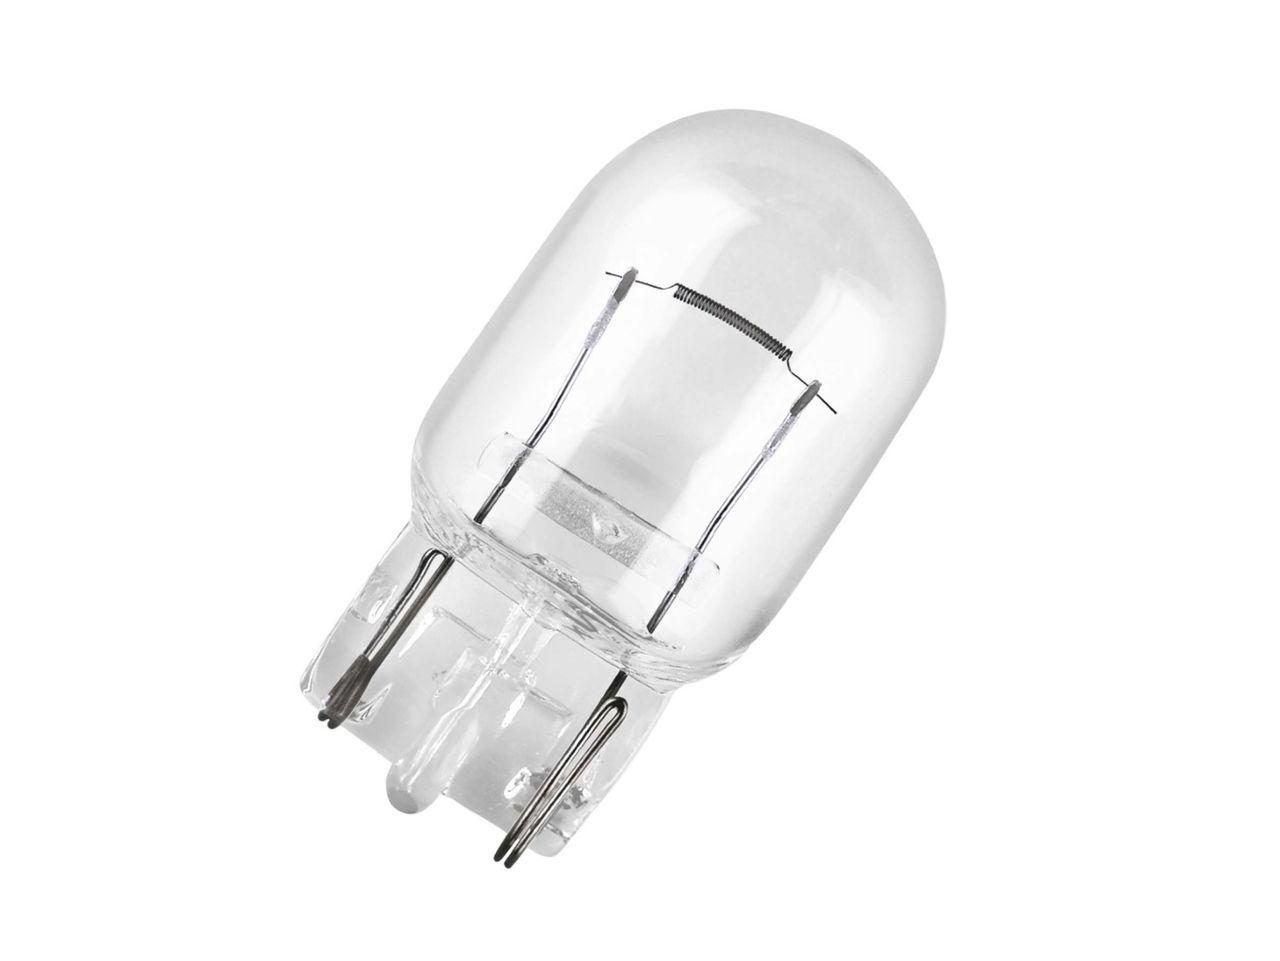 лампа 12v купить